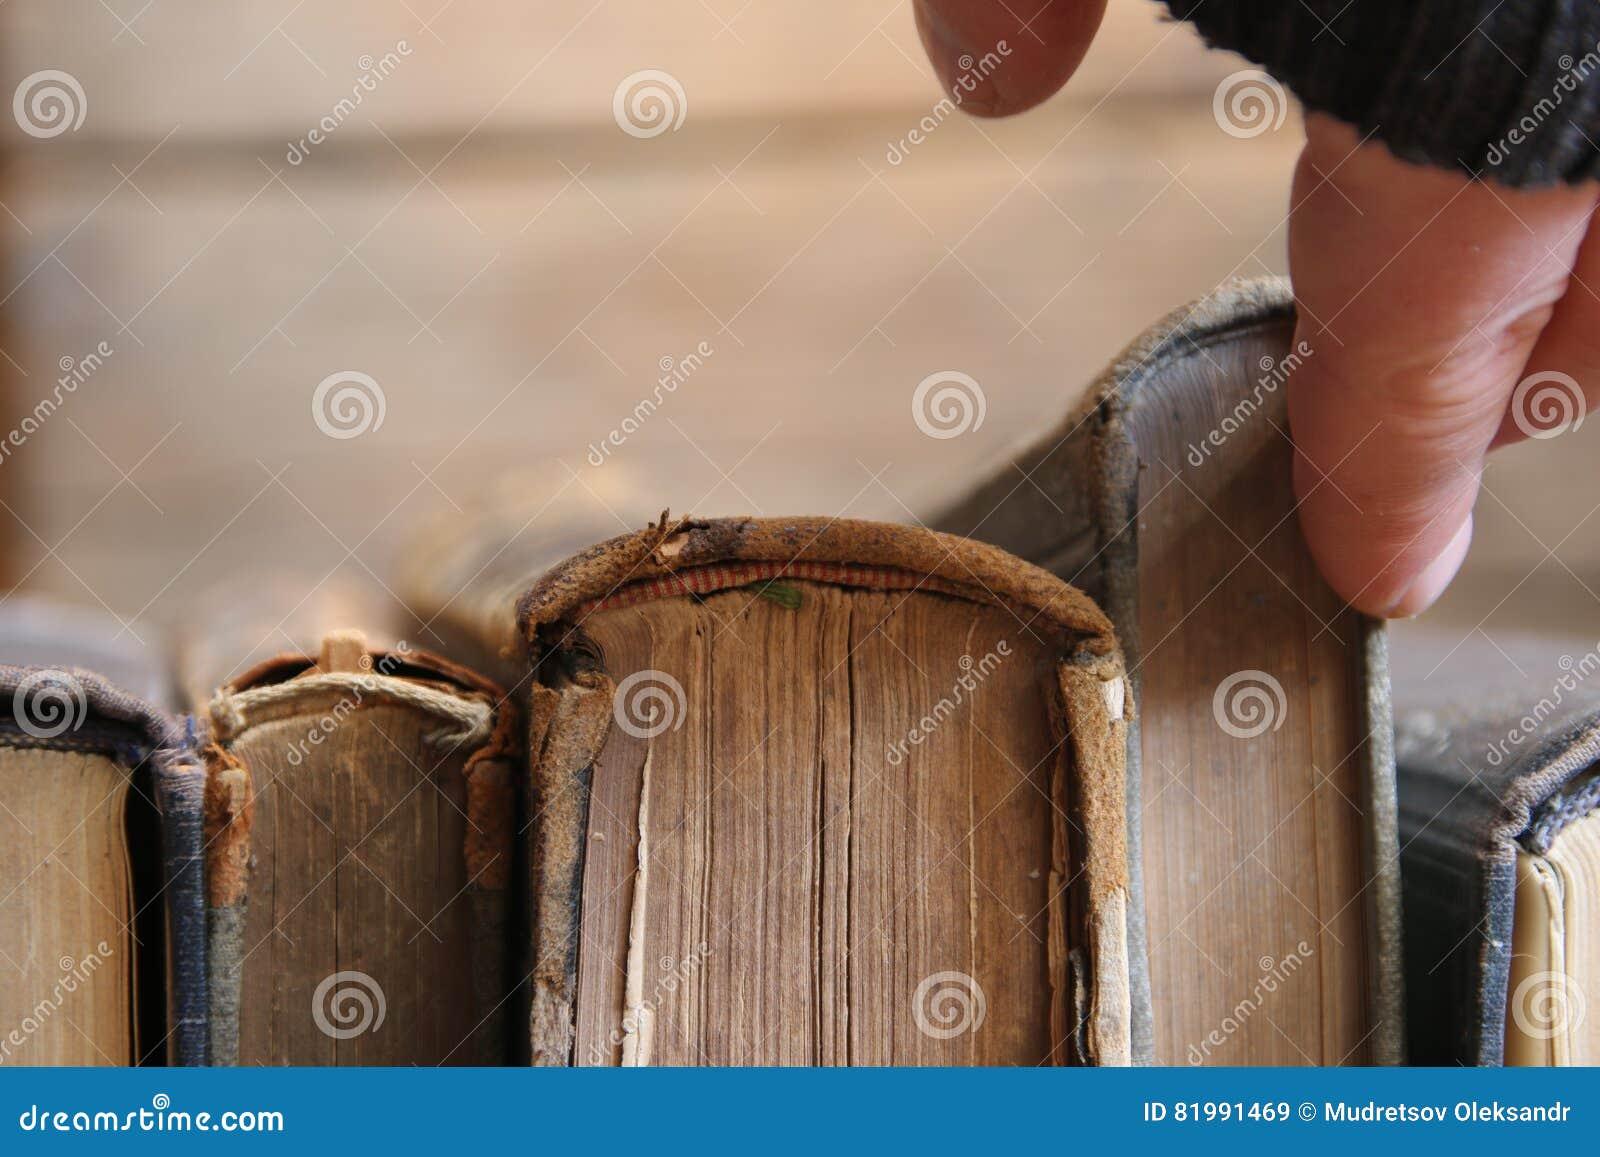 Les livres pour lire l'idée, homme prend le livre, foyer mou photo ...